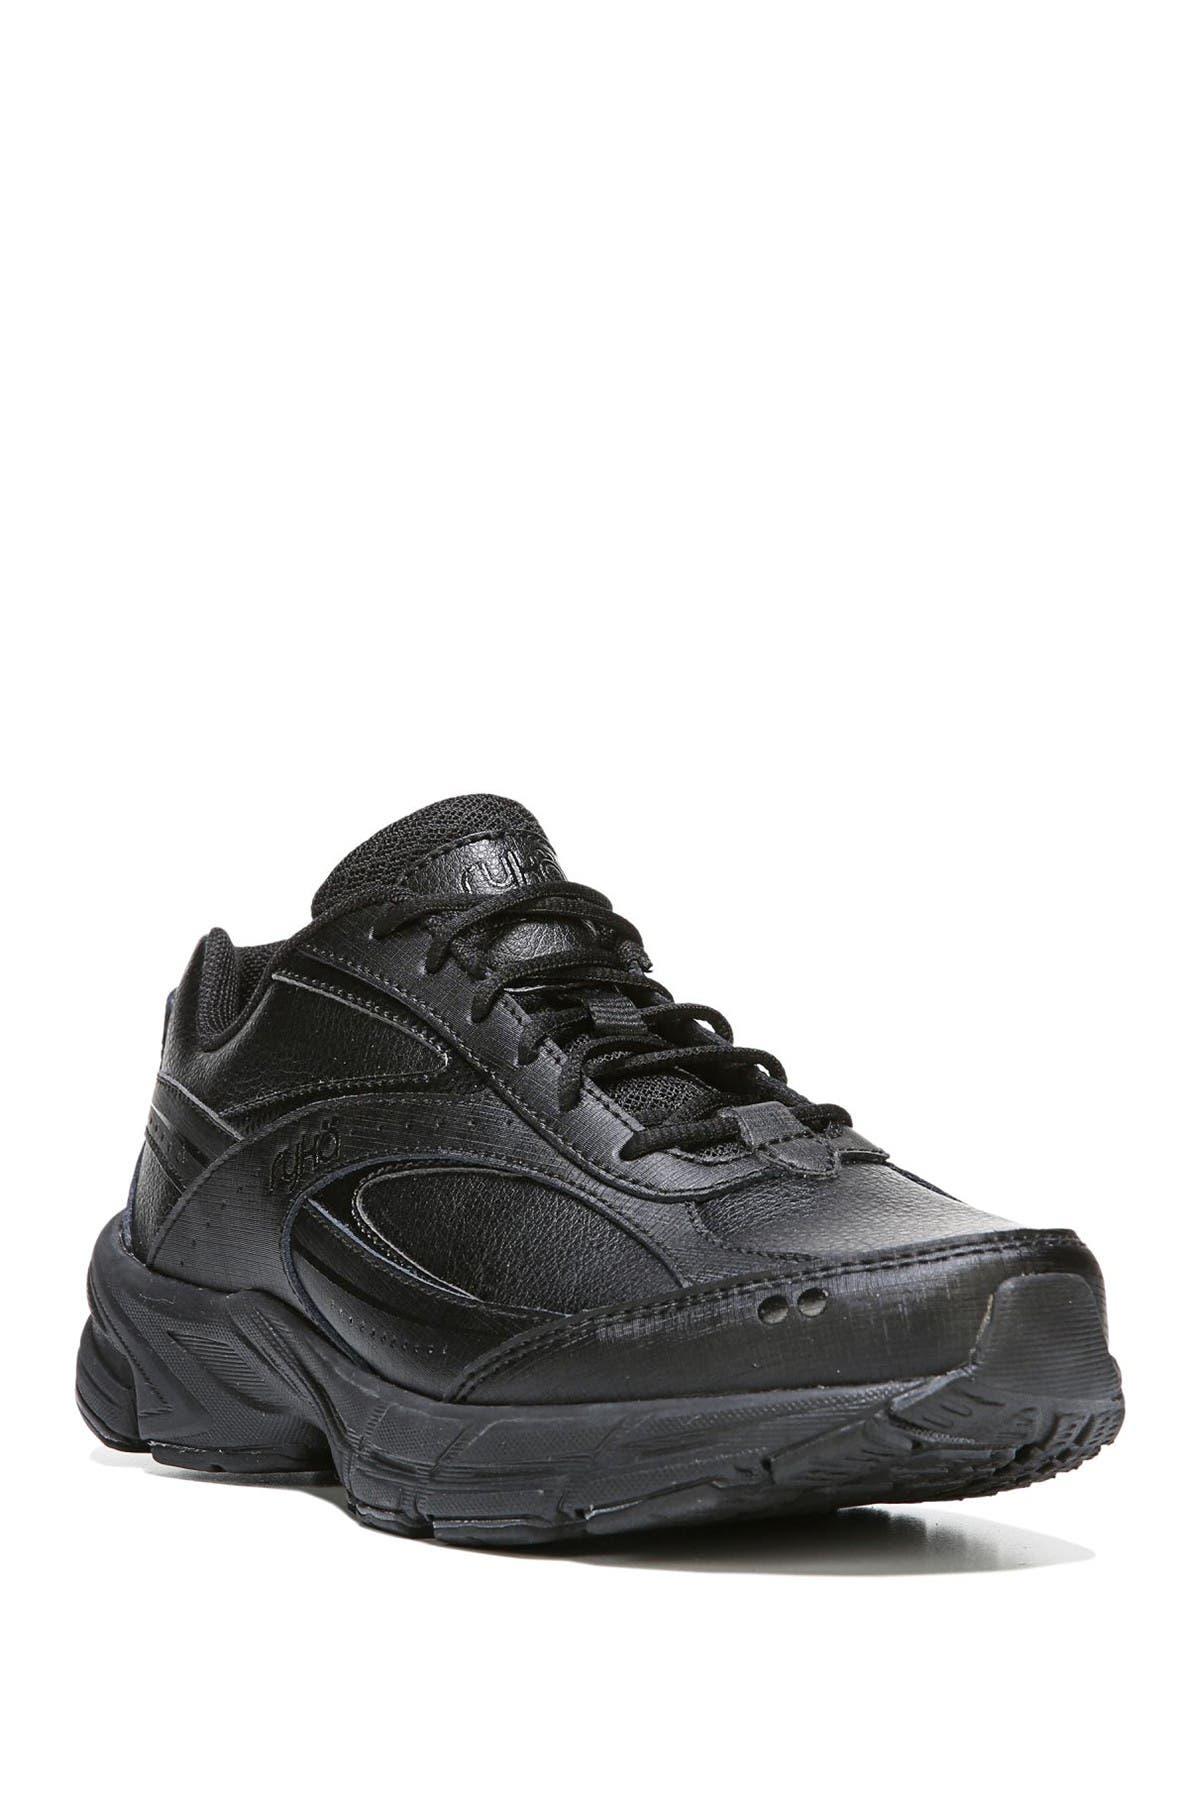 Ryka   Comfort Walk Sneaker - Wide